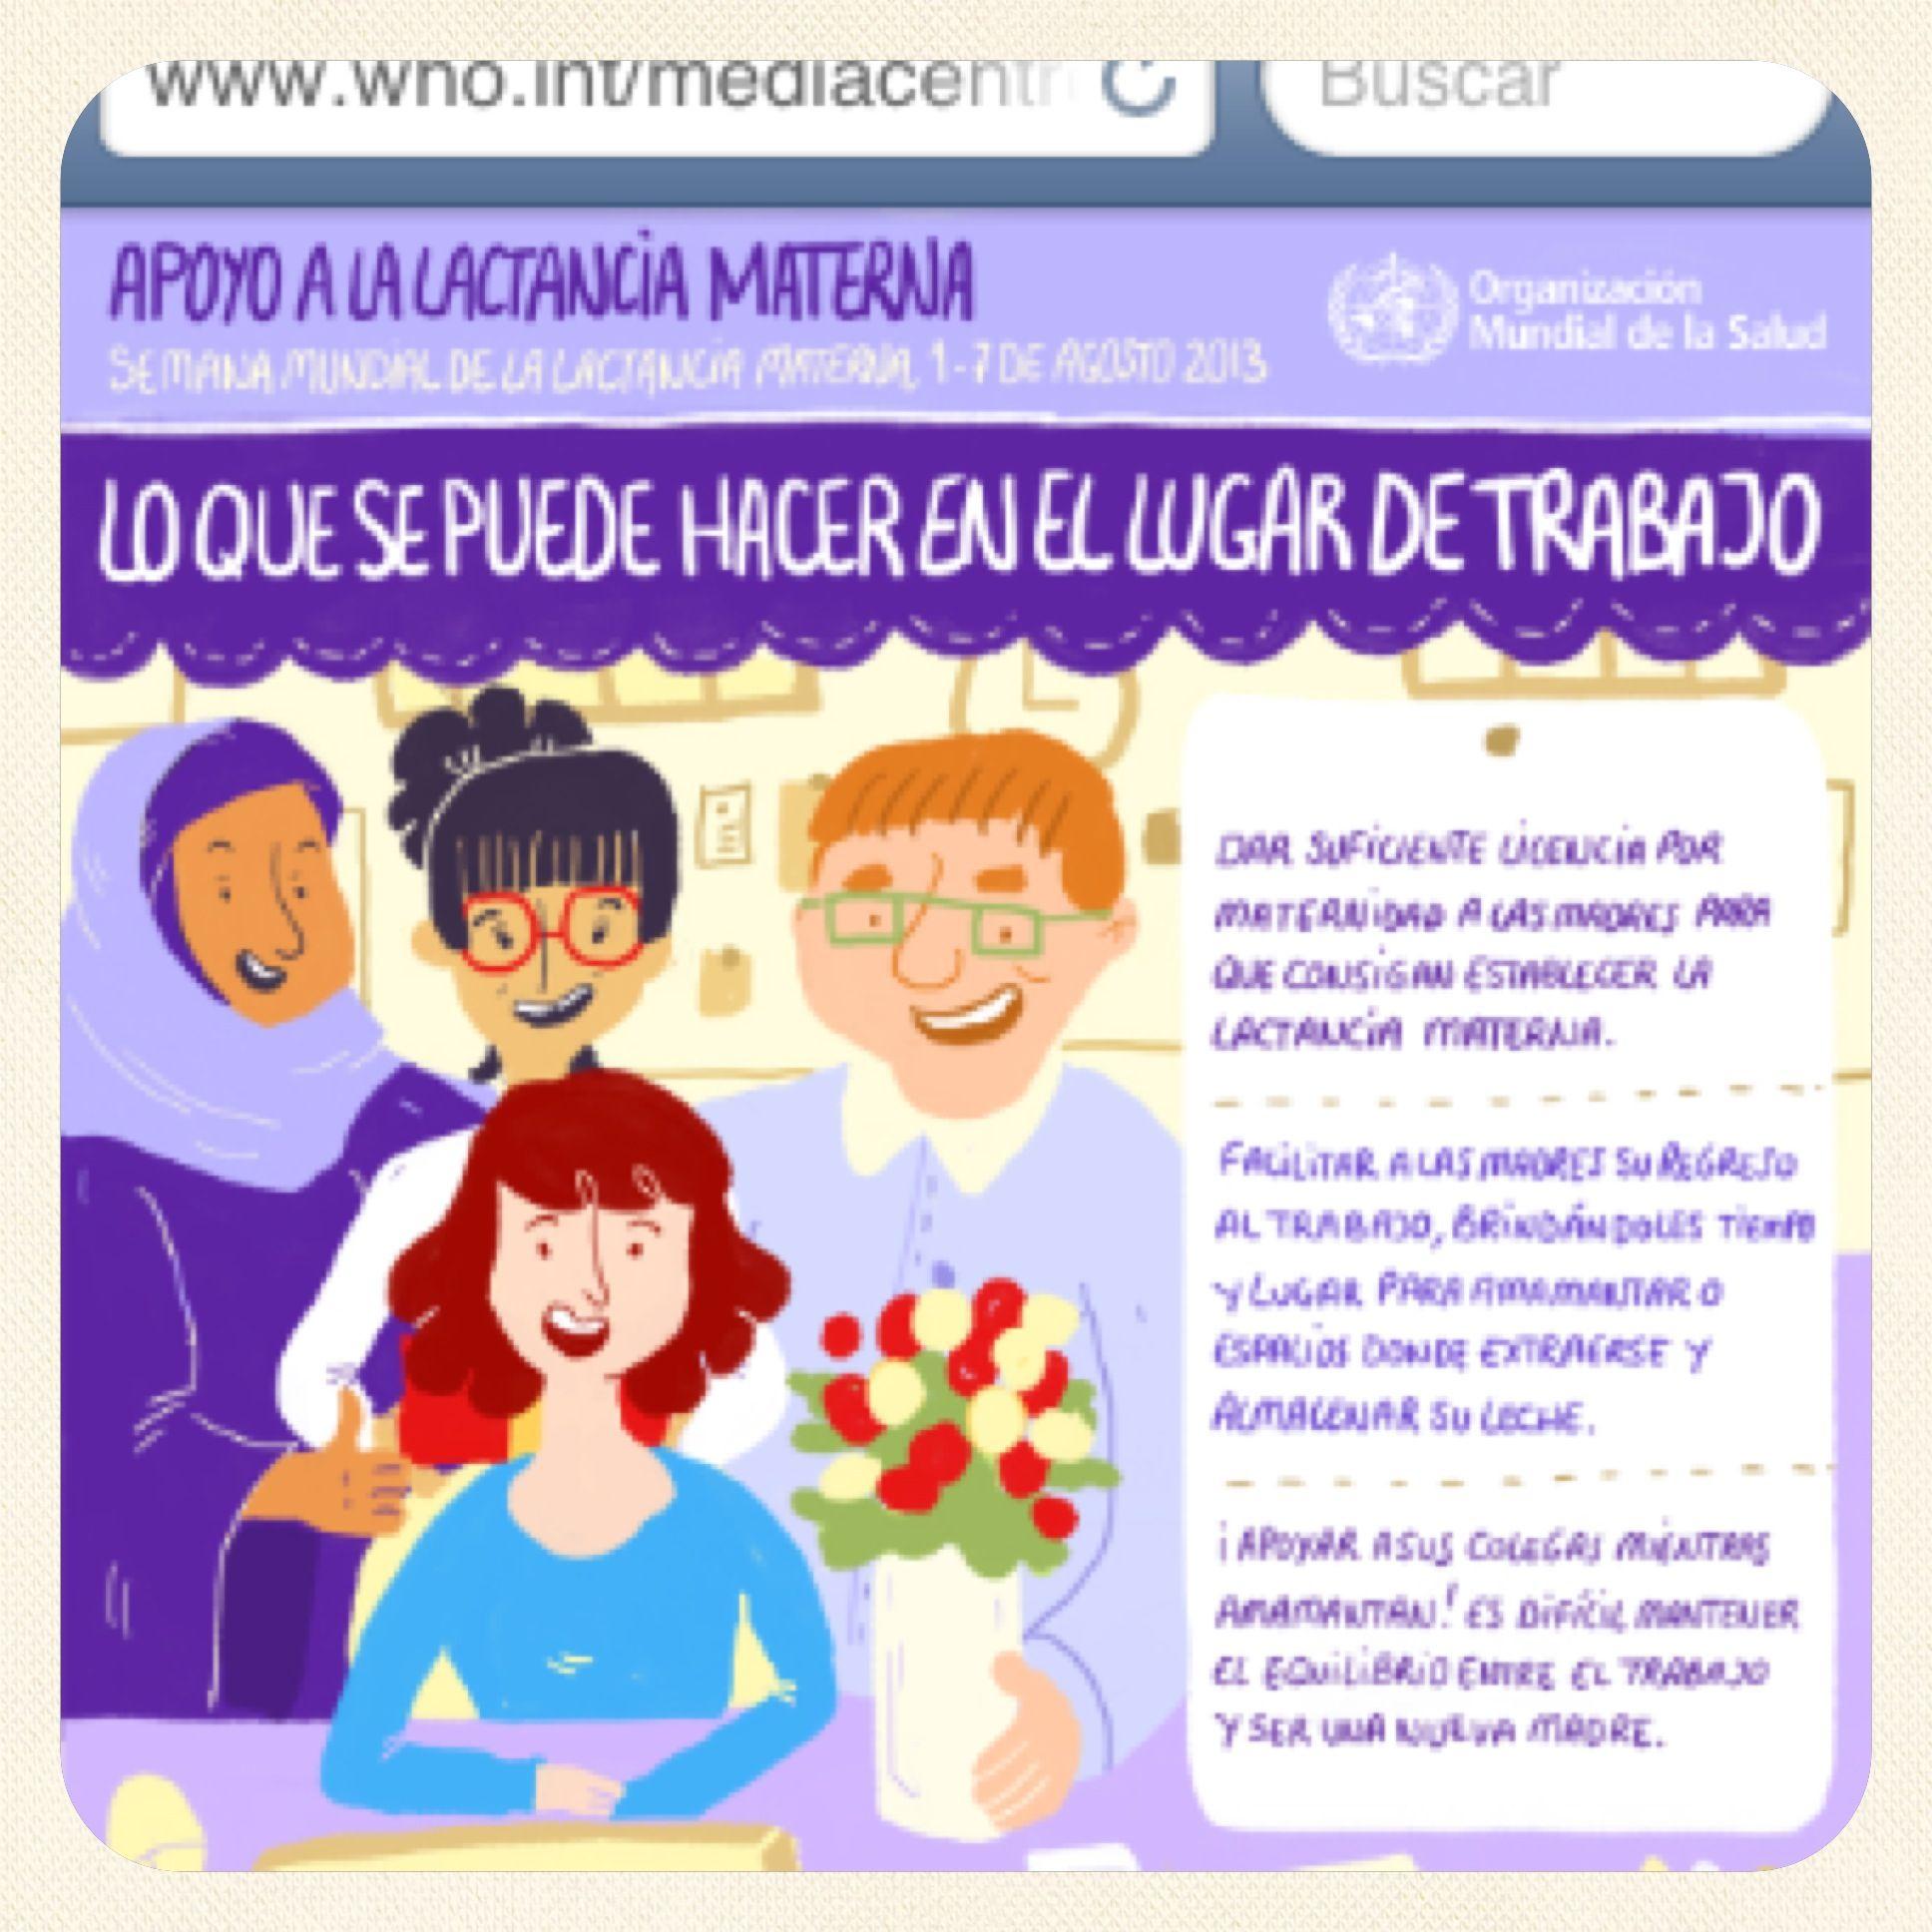 Apoyo a la lactancia materna OMS 2013